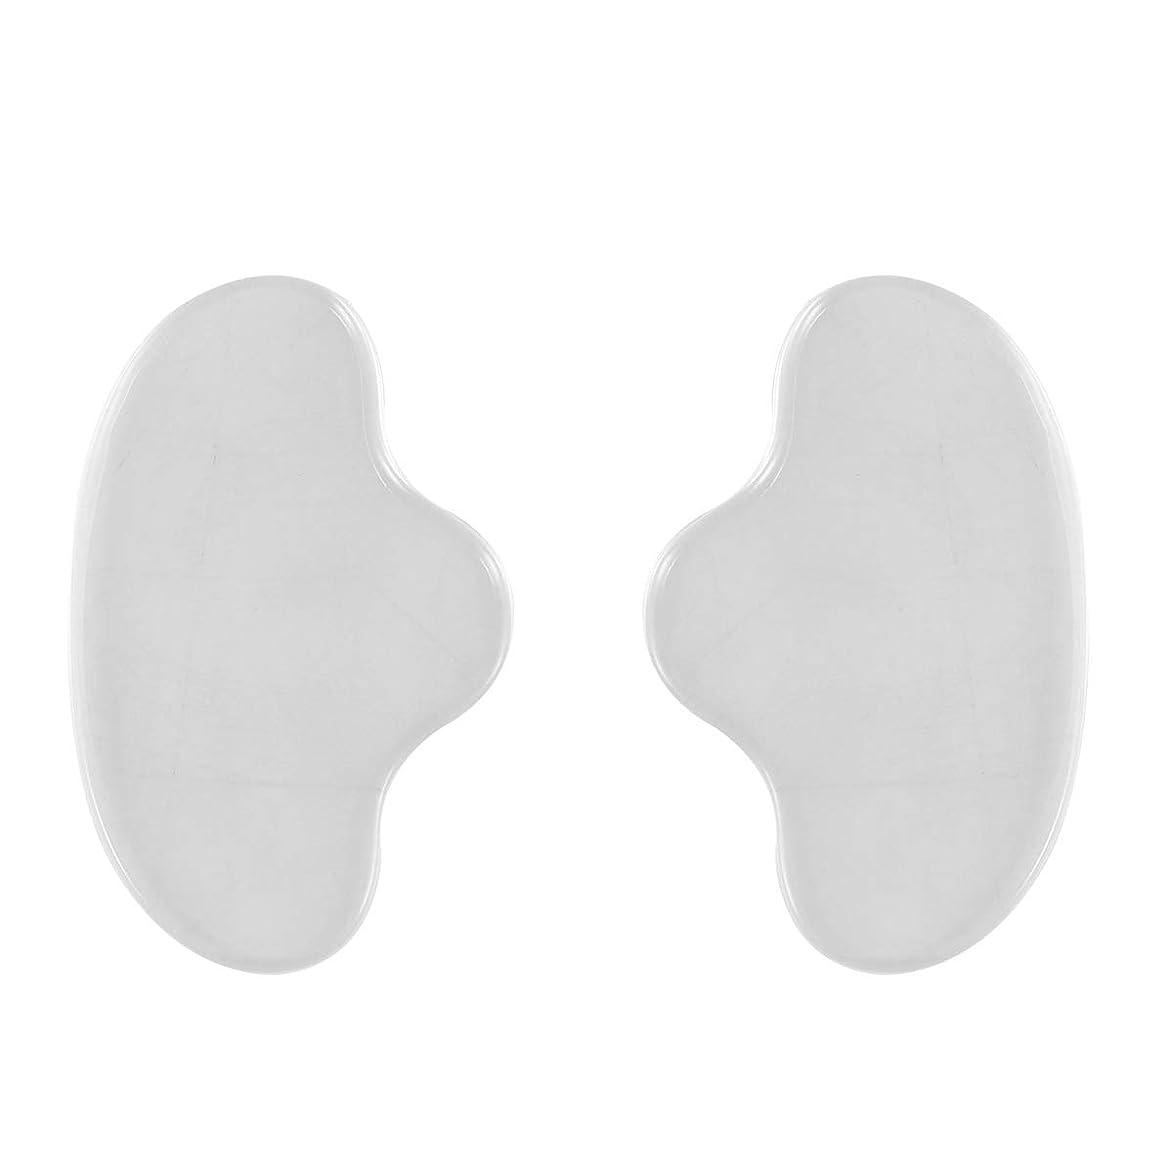 修正する尊敬する悪用Healiftyシリコンフェイシャルチンマスクフェイスパッドシワ防止リムーバーパッチ再利用可能な見えないパッド防止フェイスシワ2個